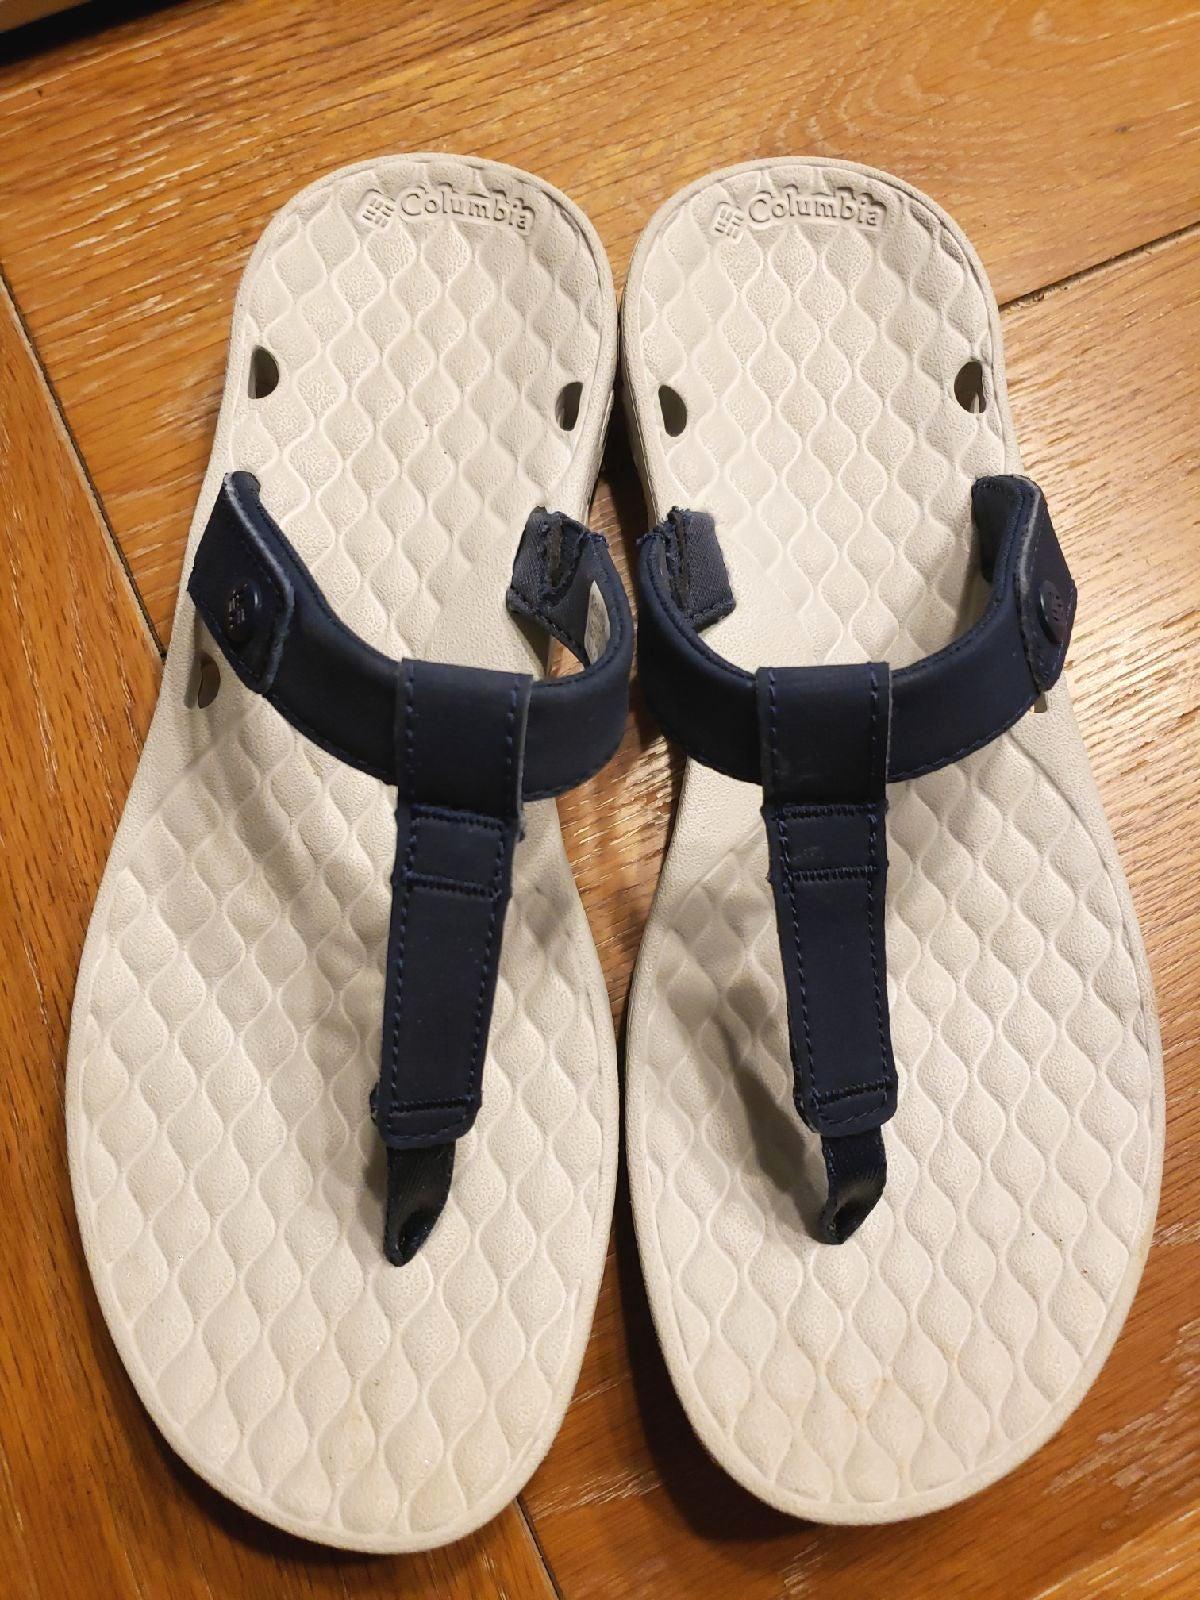 Columbia Sunlight Vent Sandals